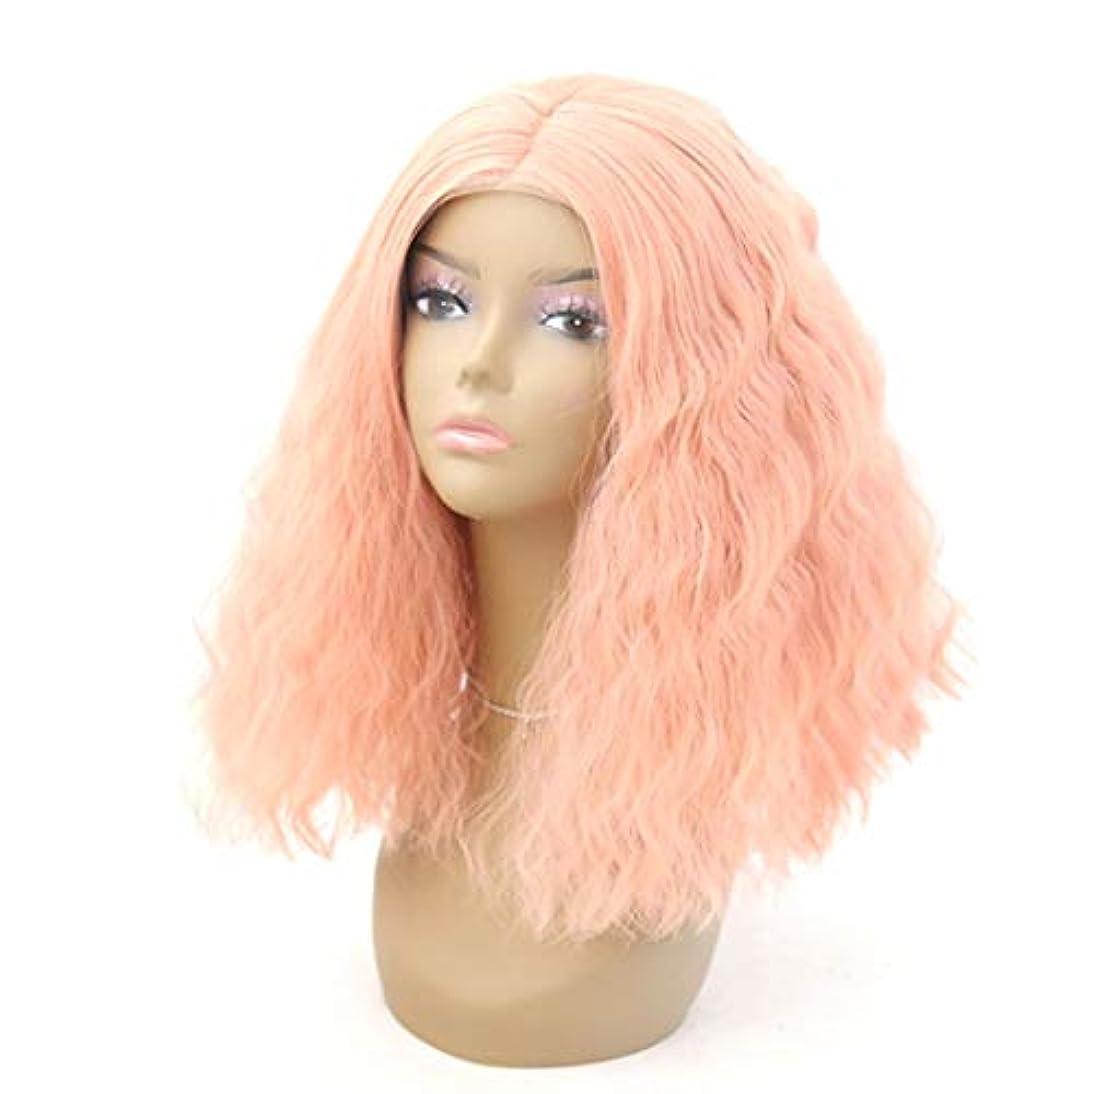 鉱石セマフォ人形Kerwinner 女性のためのフロントレースかつらふわふわリトルカーリーピンクショートヘア